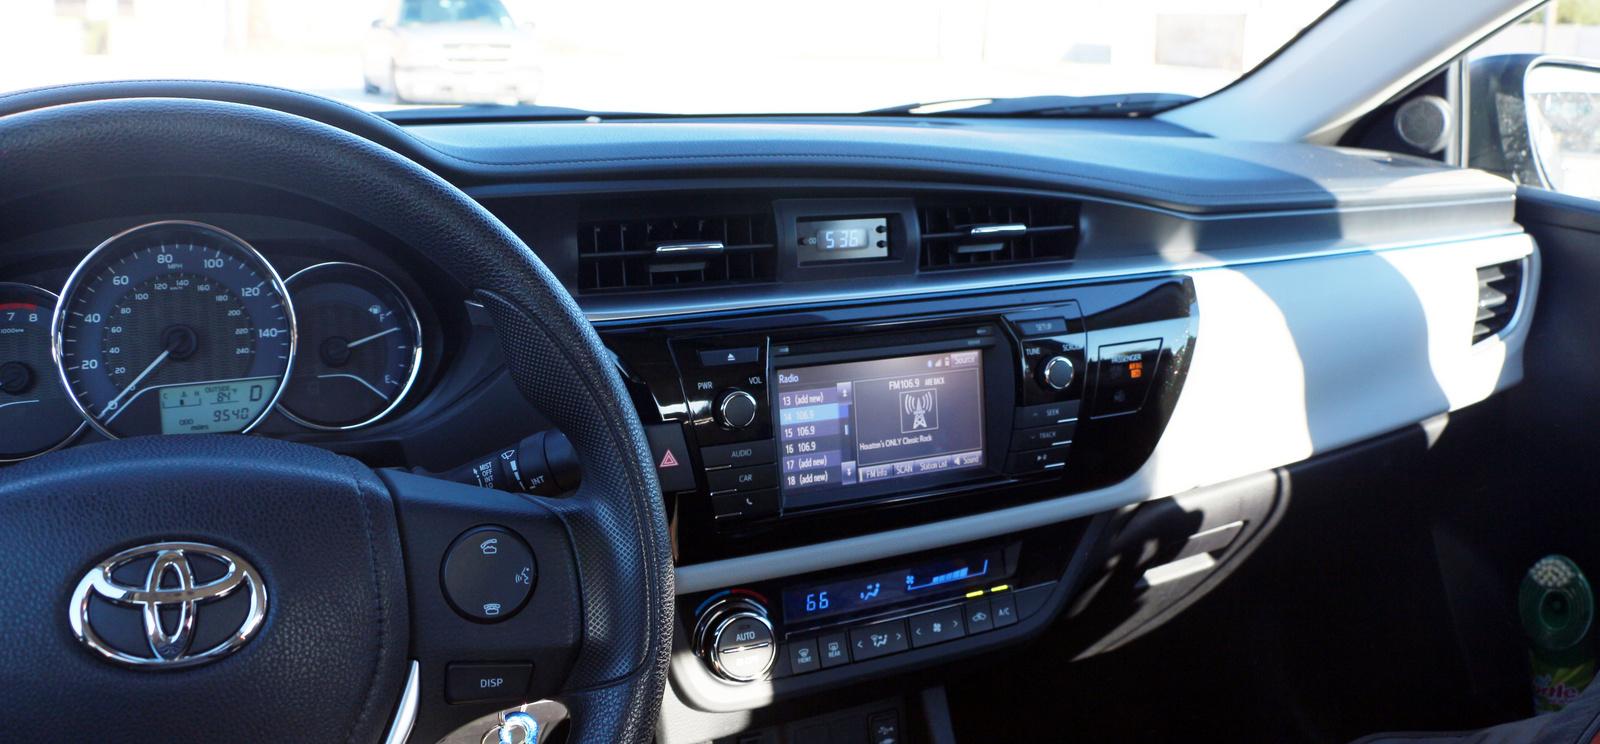 2014 Toyota Corolla Pictures Cargurus